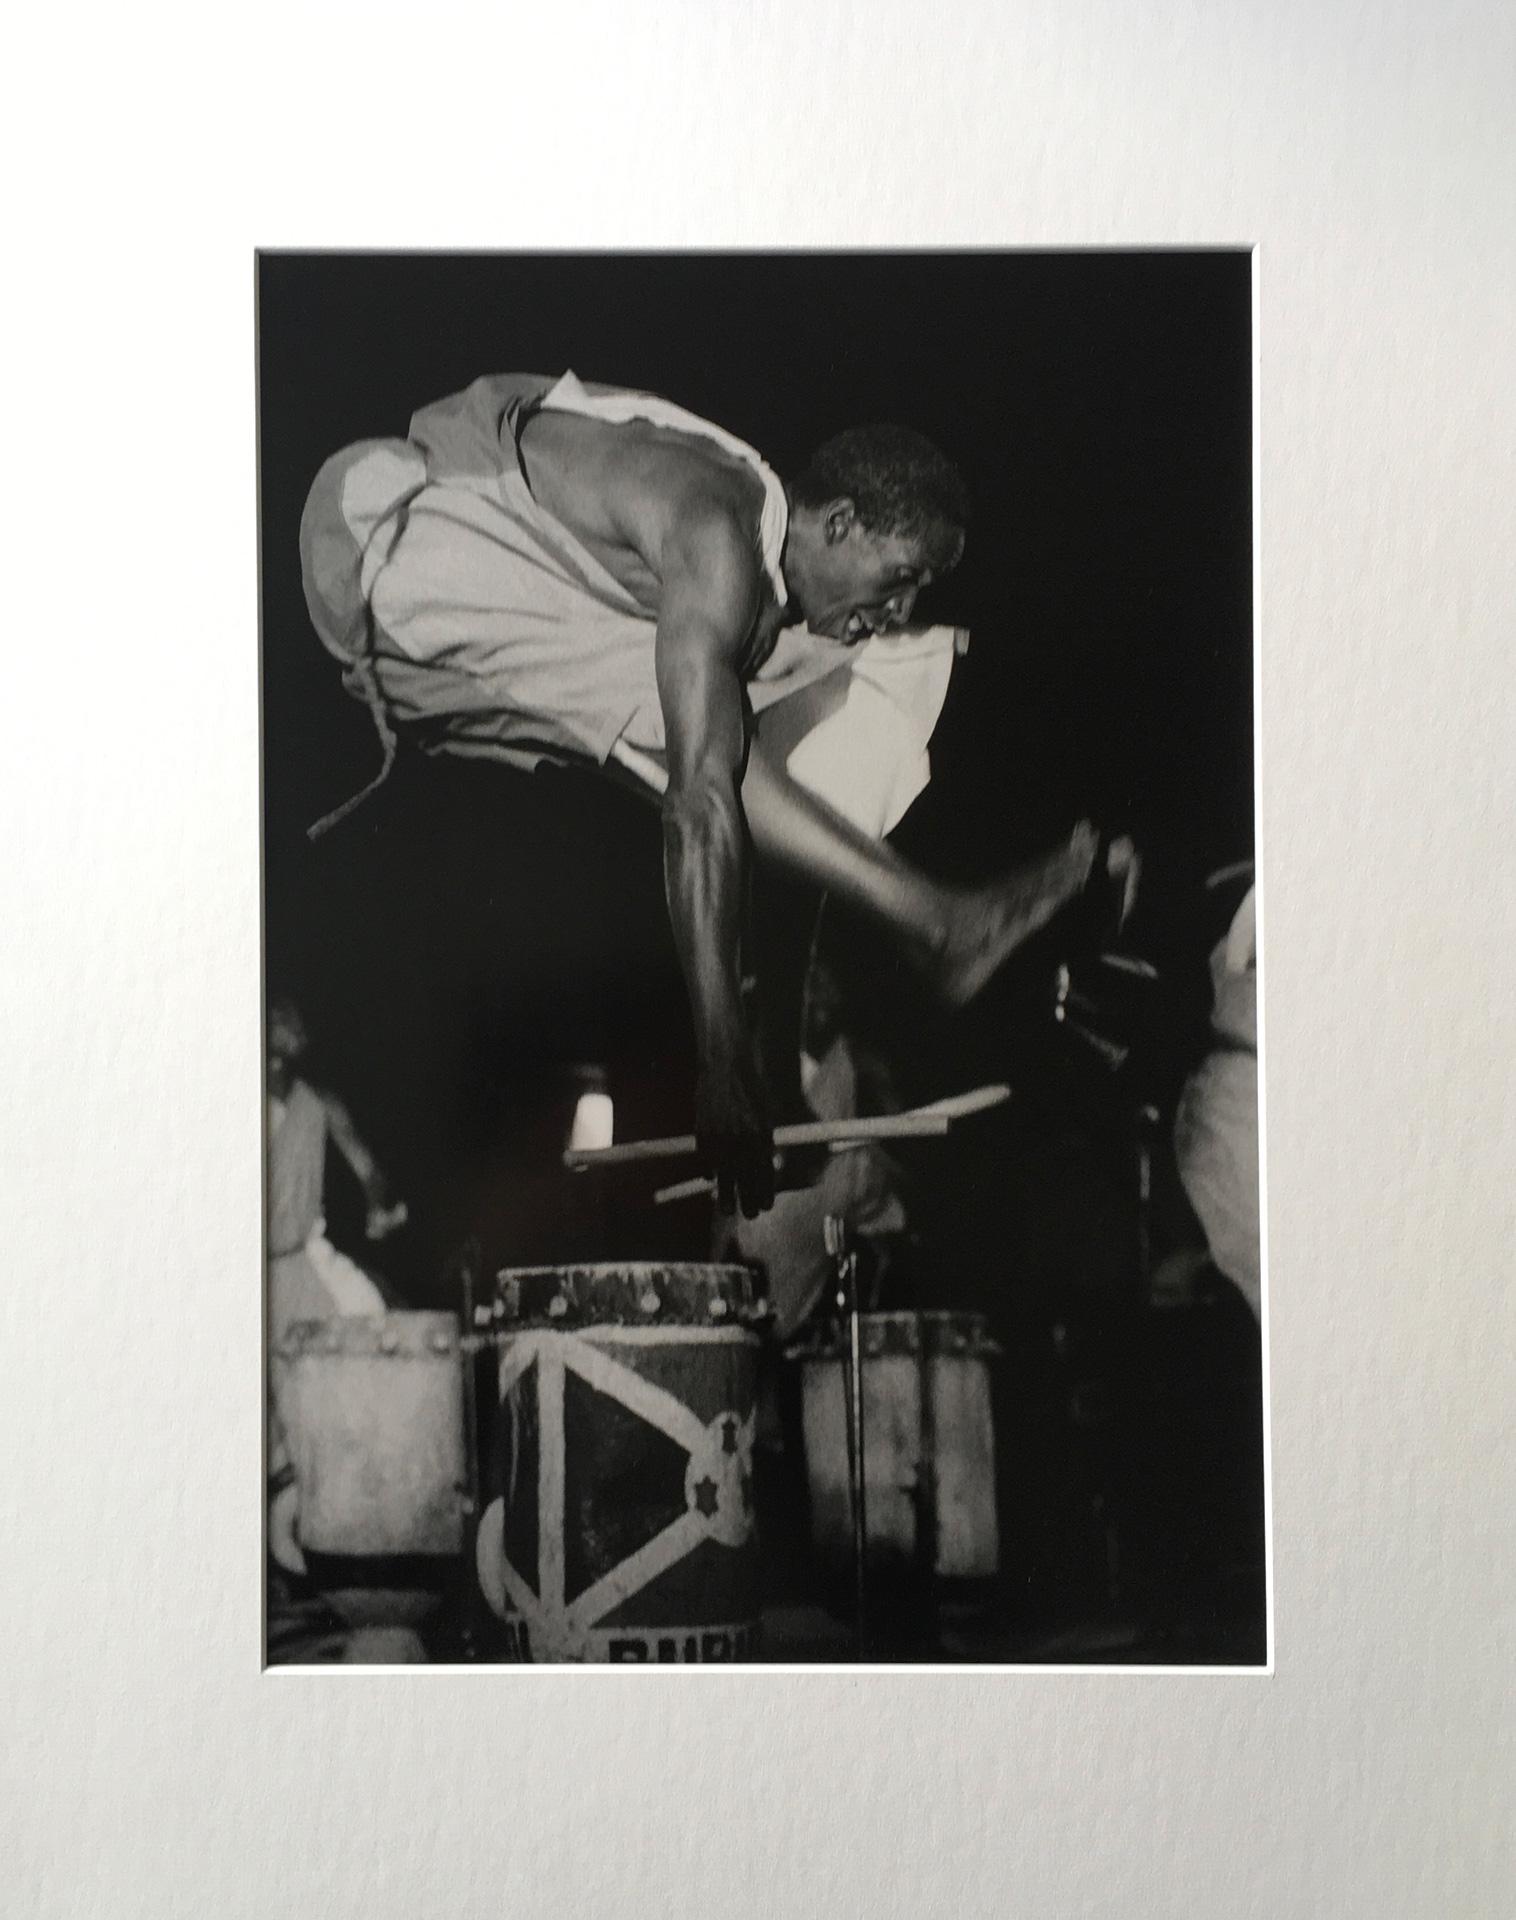 Musiques Métisses 2001 - Les Tambours du Burundi, Dominique Lagnous, Atelier Focale 16, exposition photo à l'incontournable